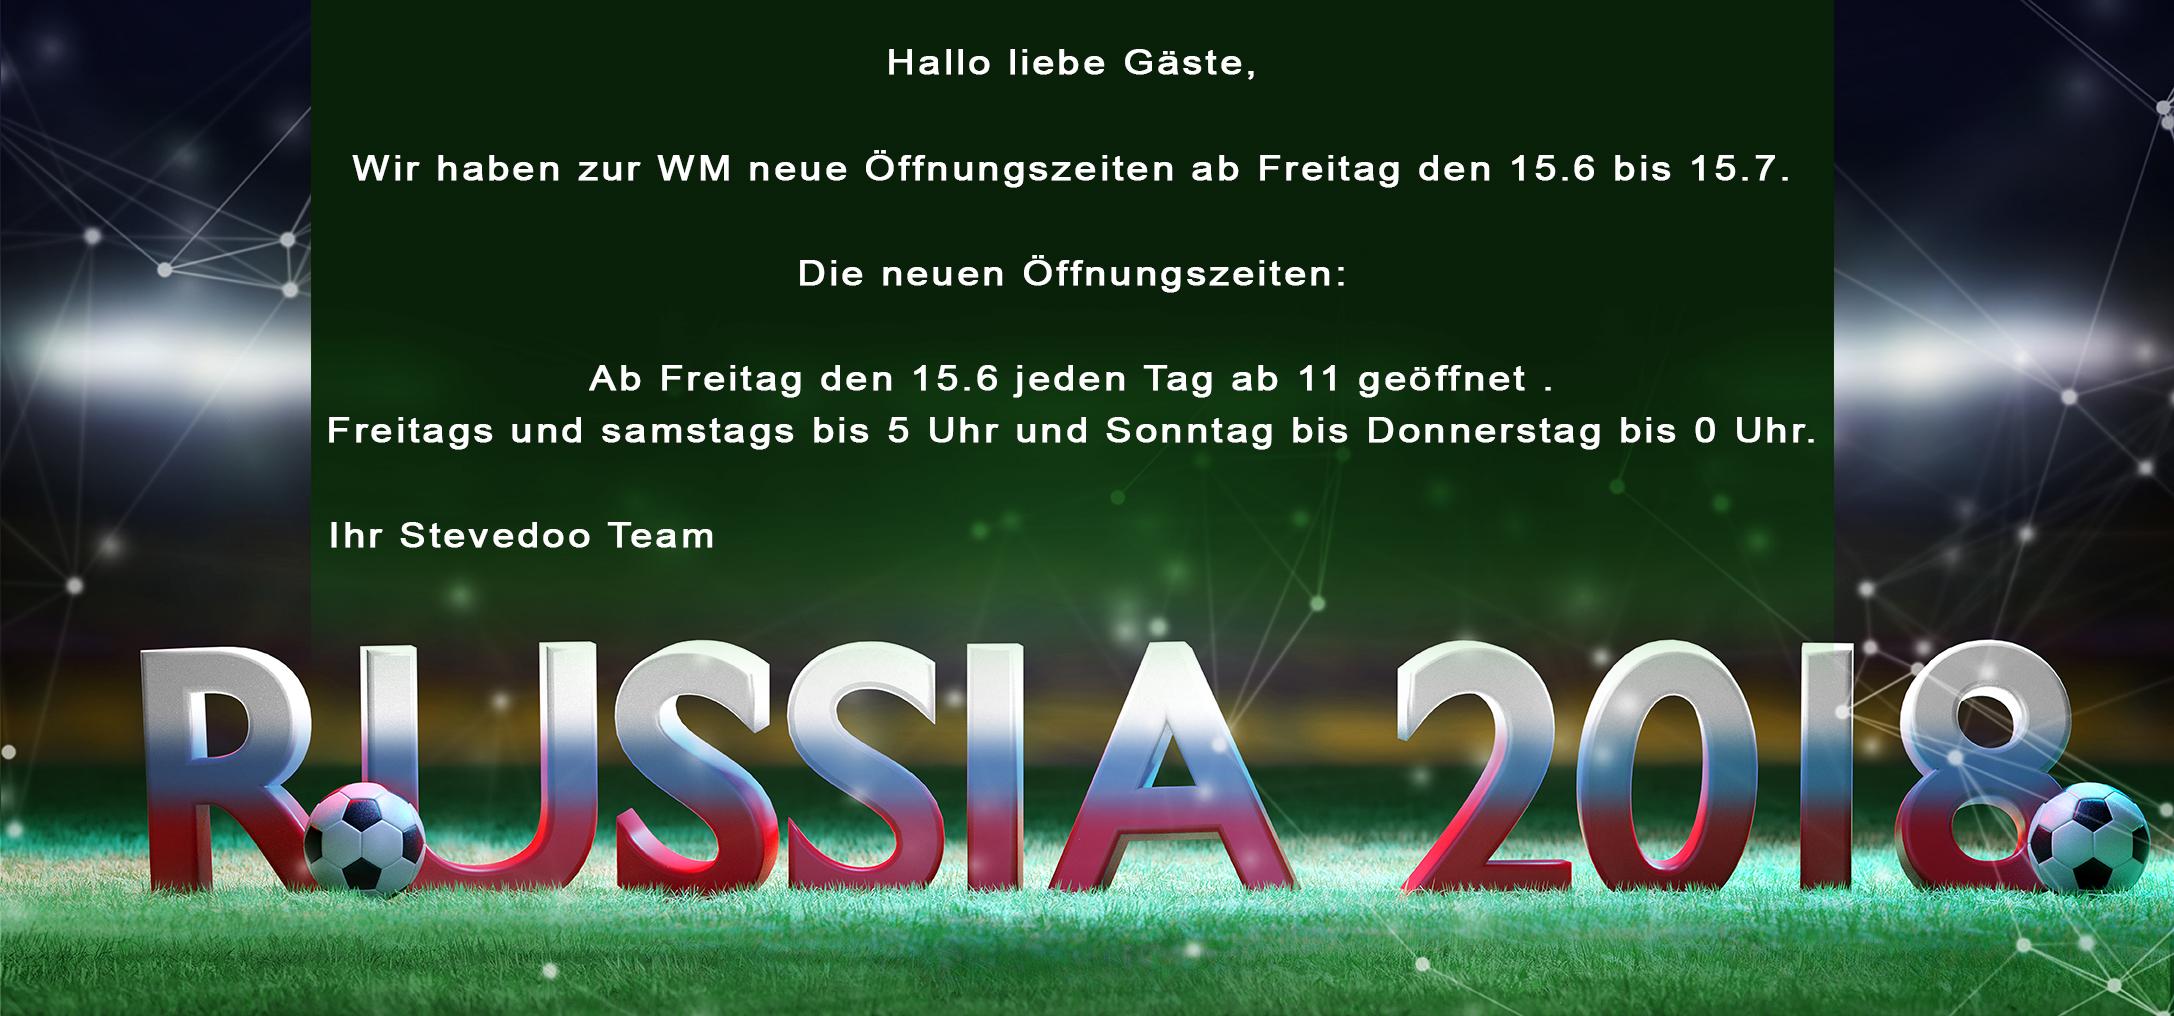 Weltmeisterschaft 2018 Live in Frankfurt